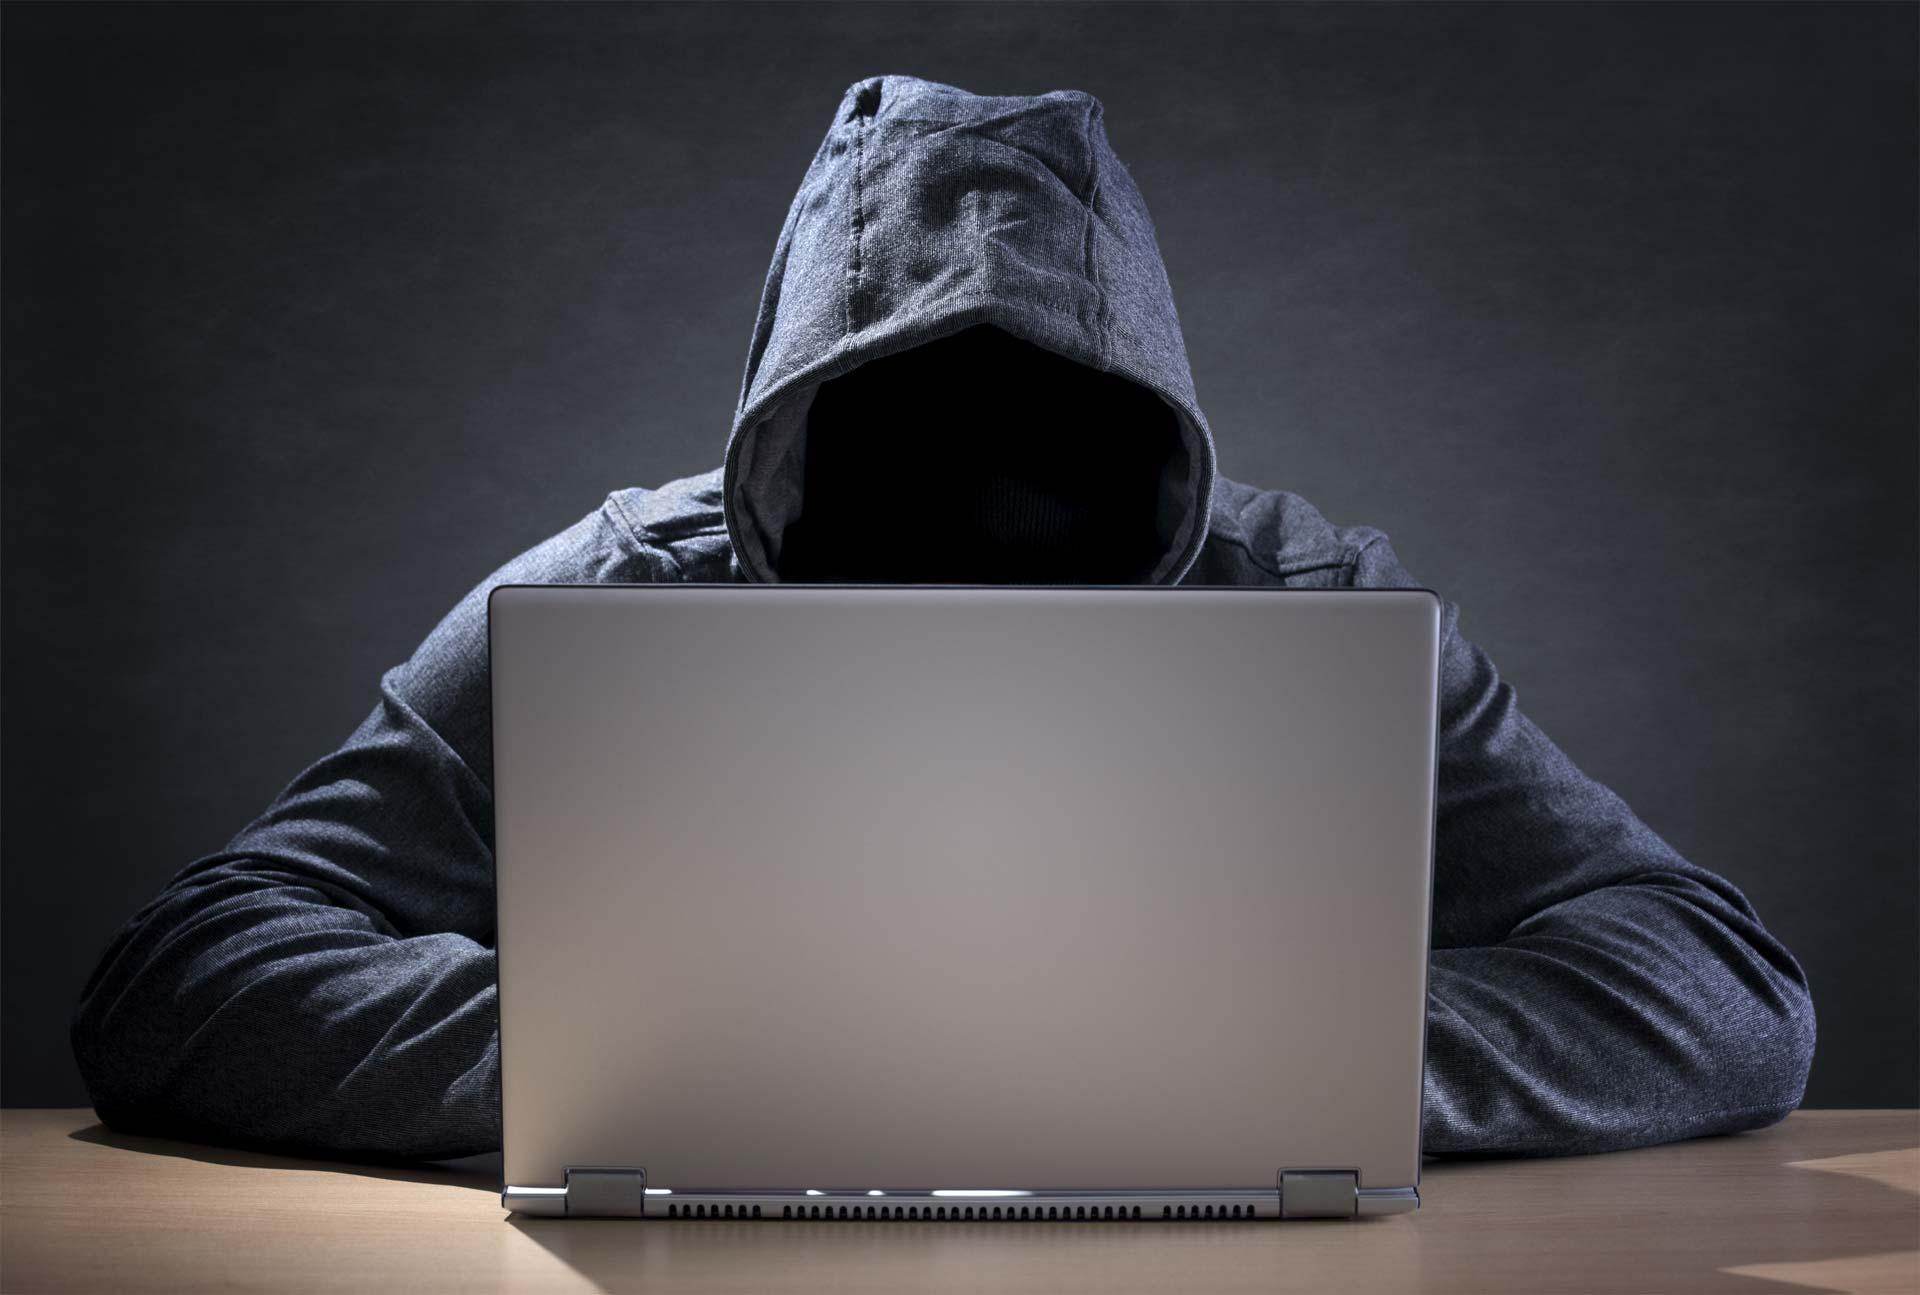 Hacker activista ataca webs discriminatorias